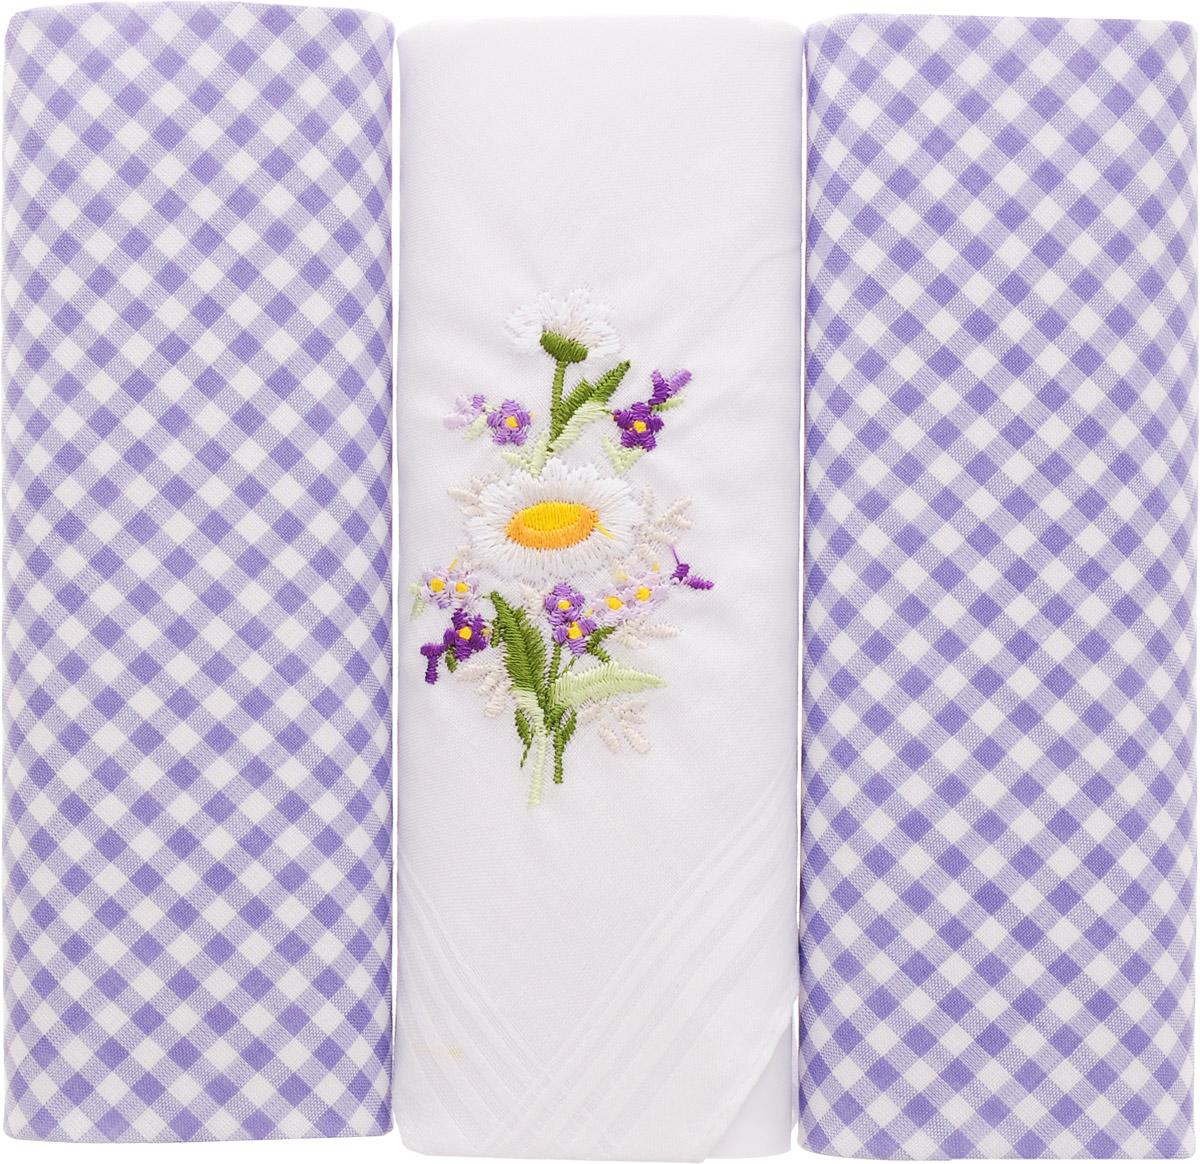 Платок носовой женский Zlata Korunka, цвет: голубой, белый, 3 шт. 90330-5. Размер 29 см х 29 см